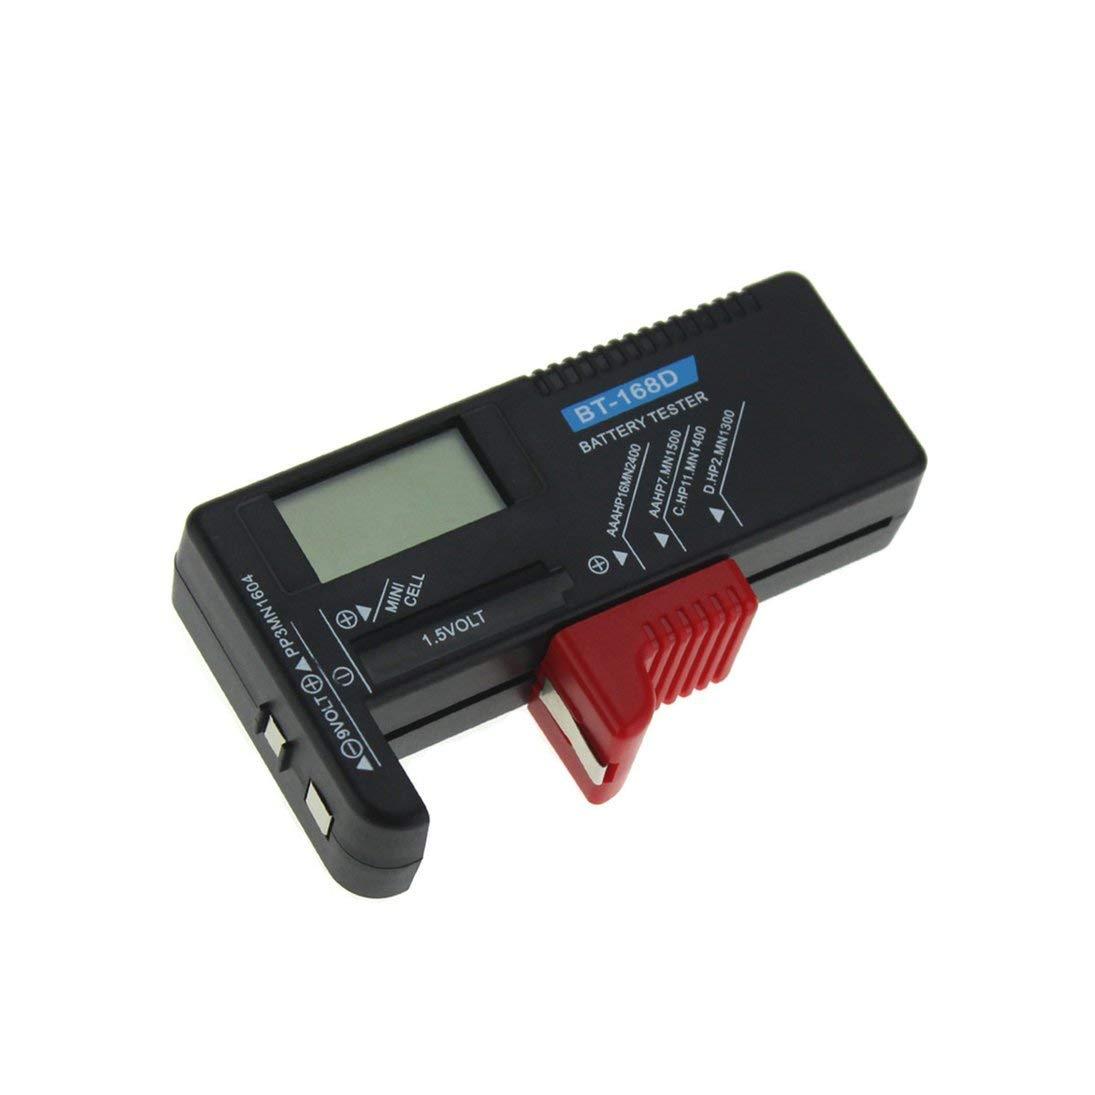 WEIHAN Testeur de Batterie num/érique D/étecteur de capacit/é de loutil de Diagnostic V/érificateur de Volt pour AAA AA CD 9V 1.5V Pile Bouton BT-168D Noir